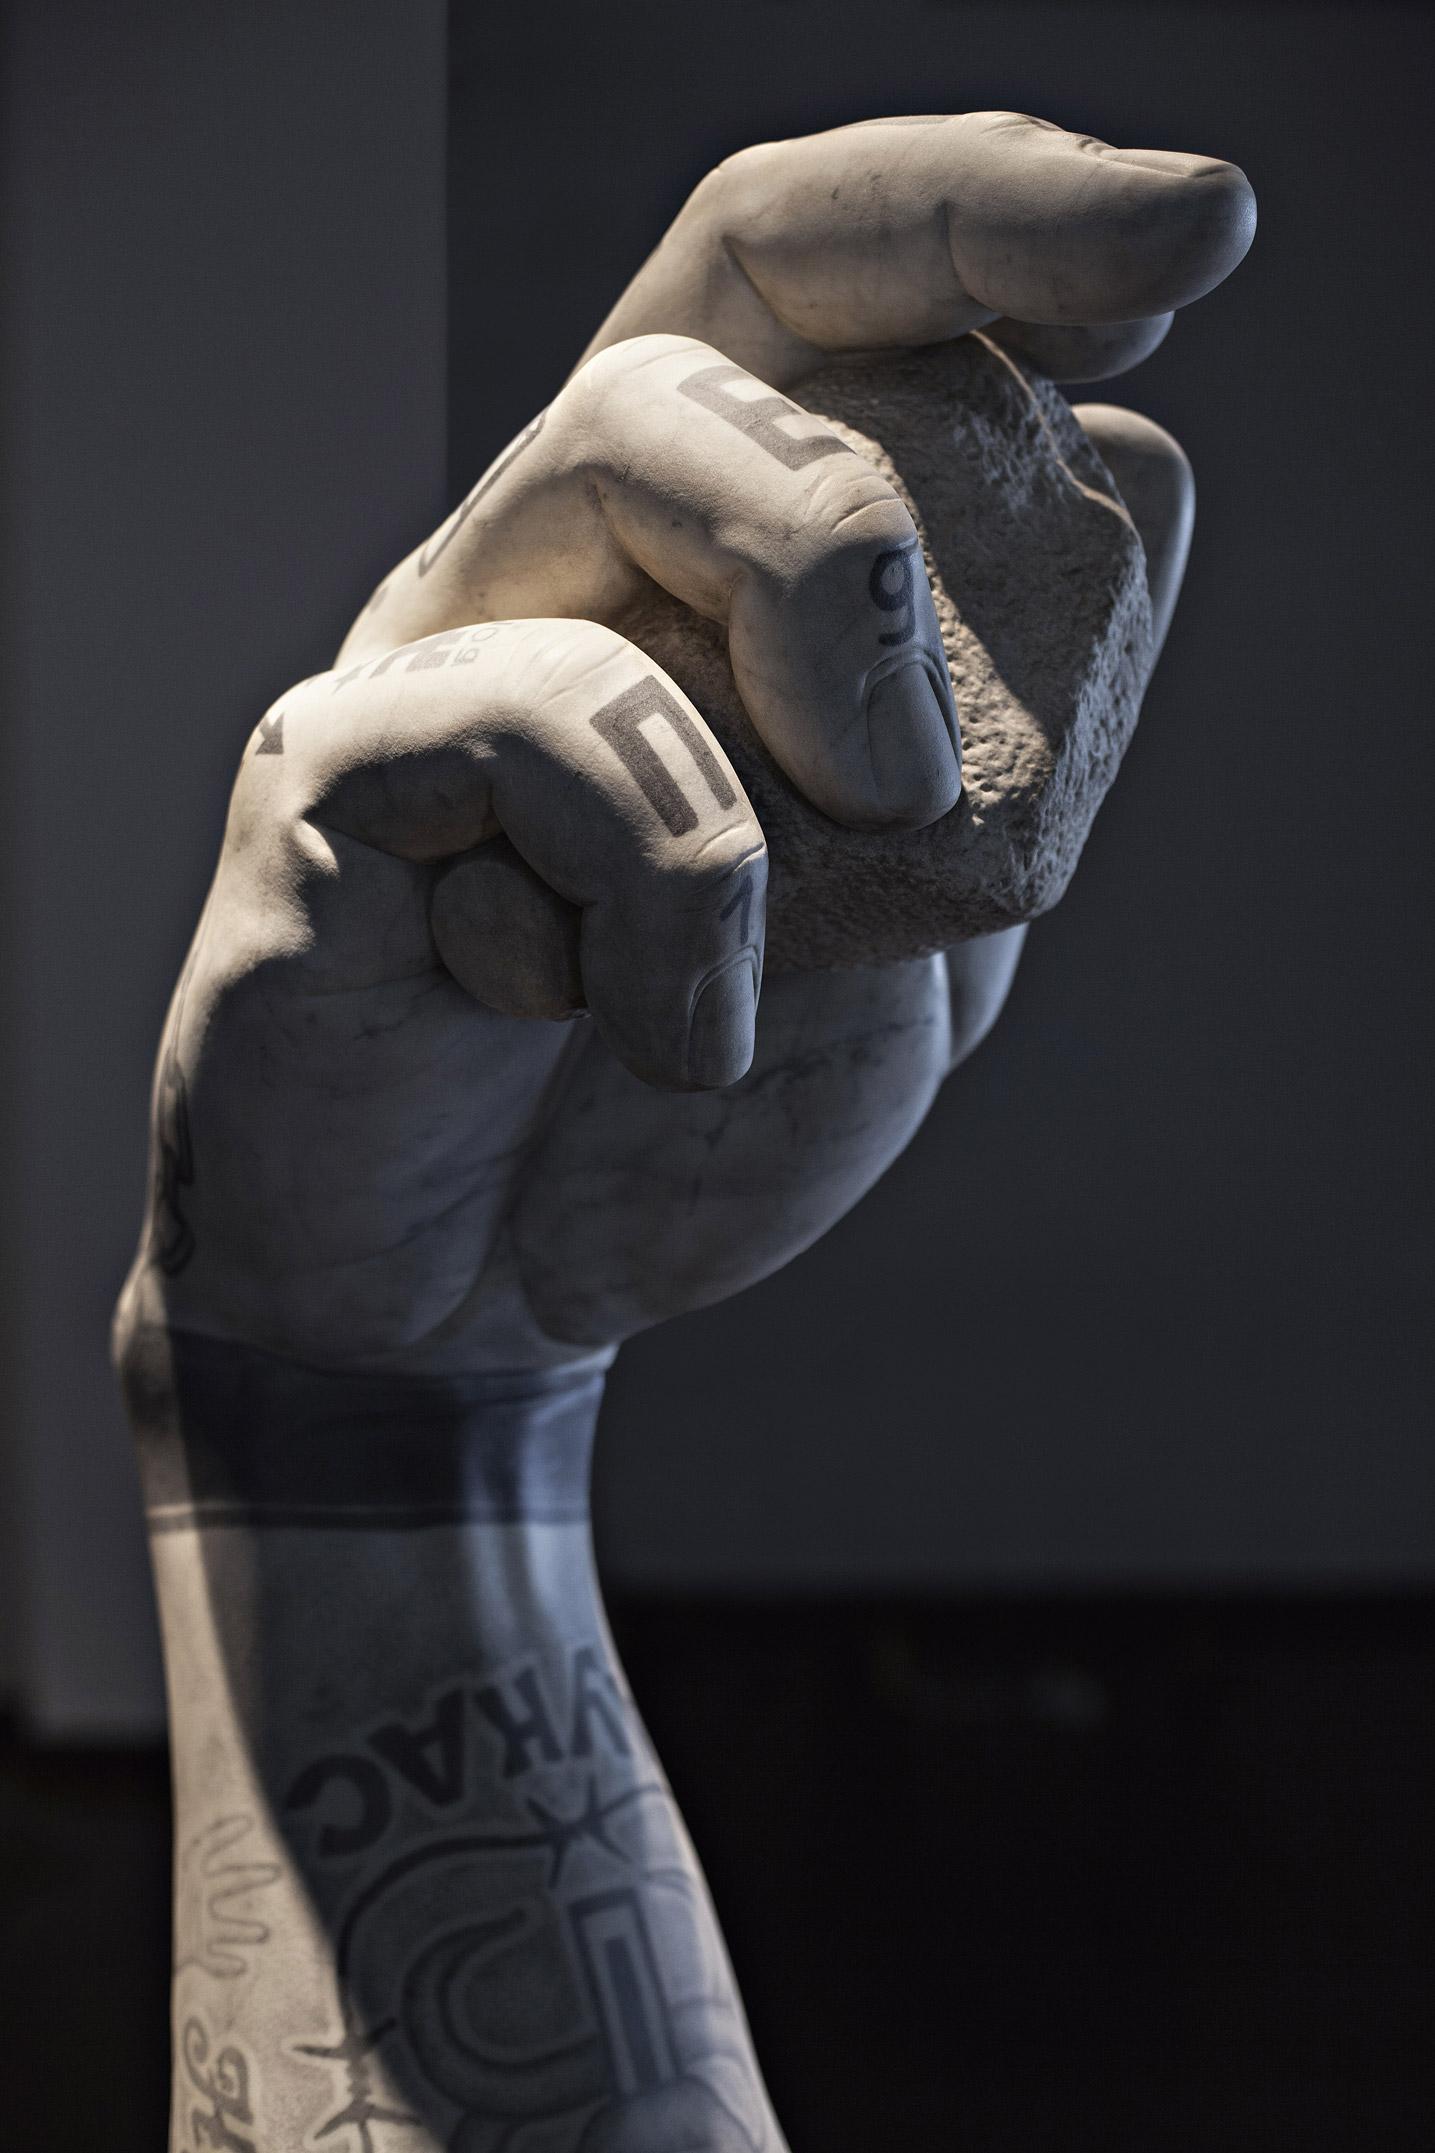 braccio david punk fabio viale poggiali forconi marmo marble michelangelo